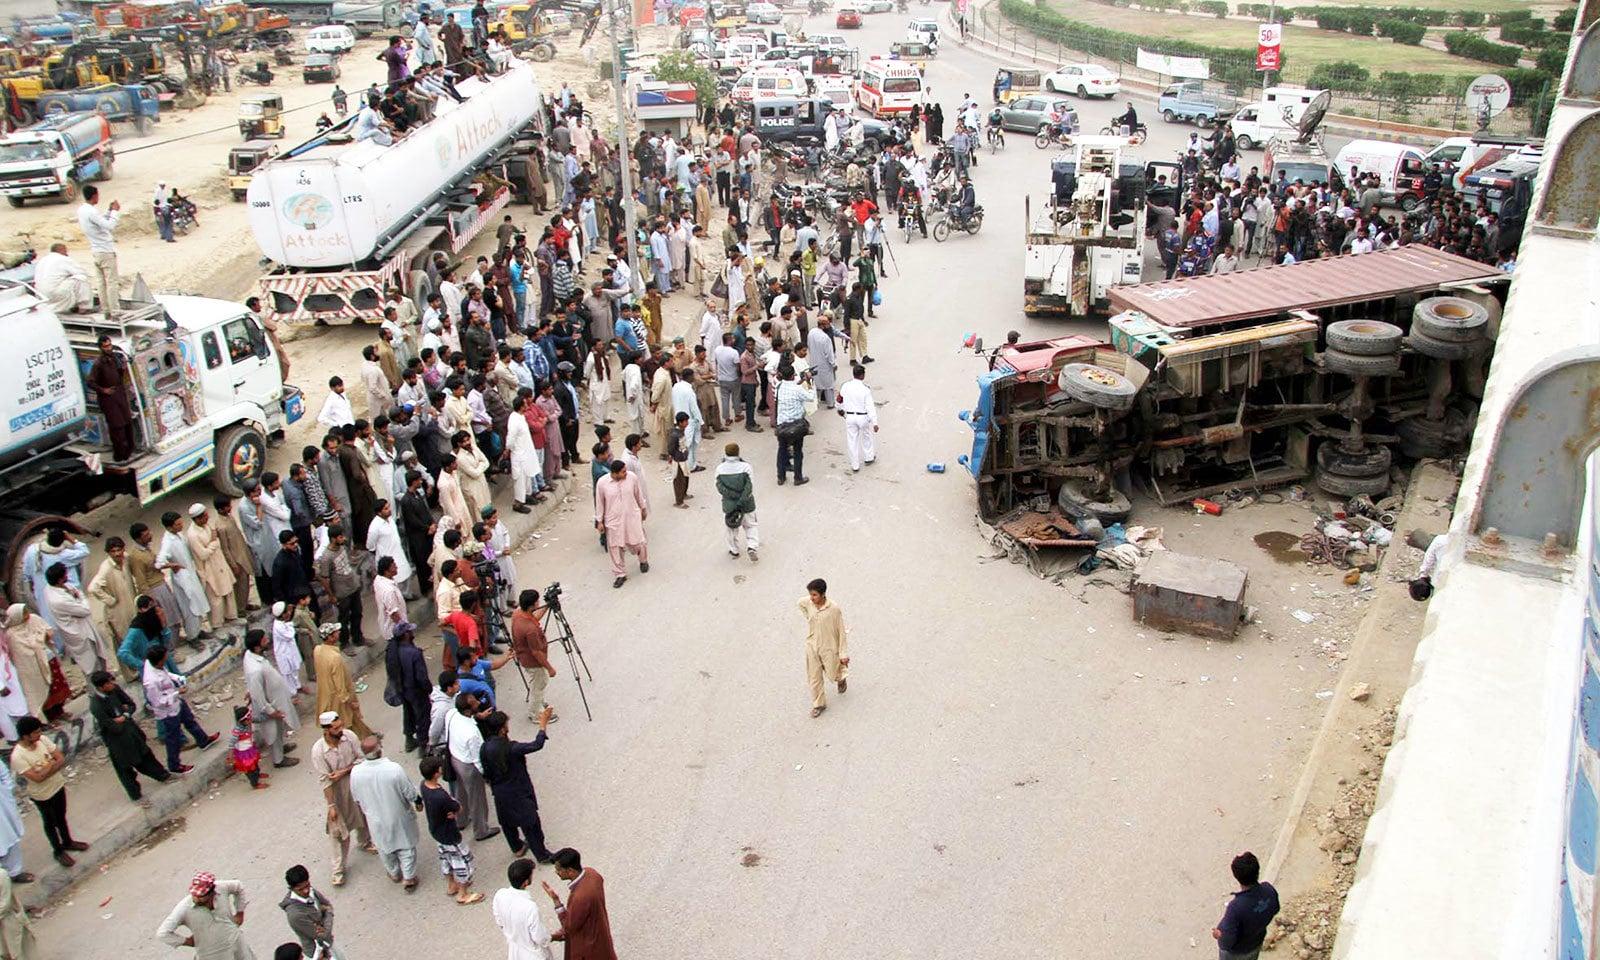 صرف کراچی میں ہی 60 فیصد لوگ لائسنس کے بغیر گاڑیاں چلاتے ہیں—فوٹو: شٹر اسٹاک